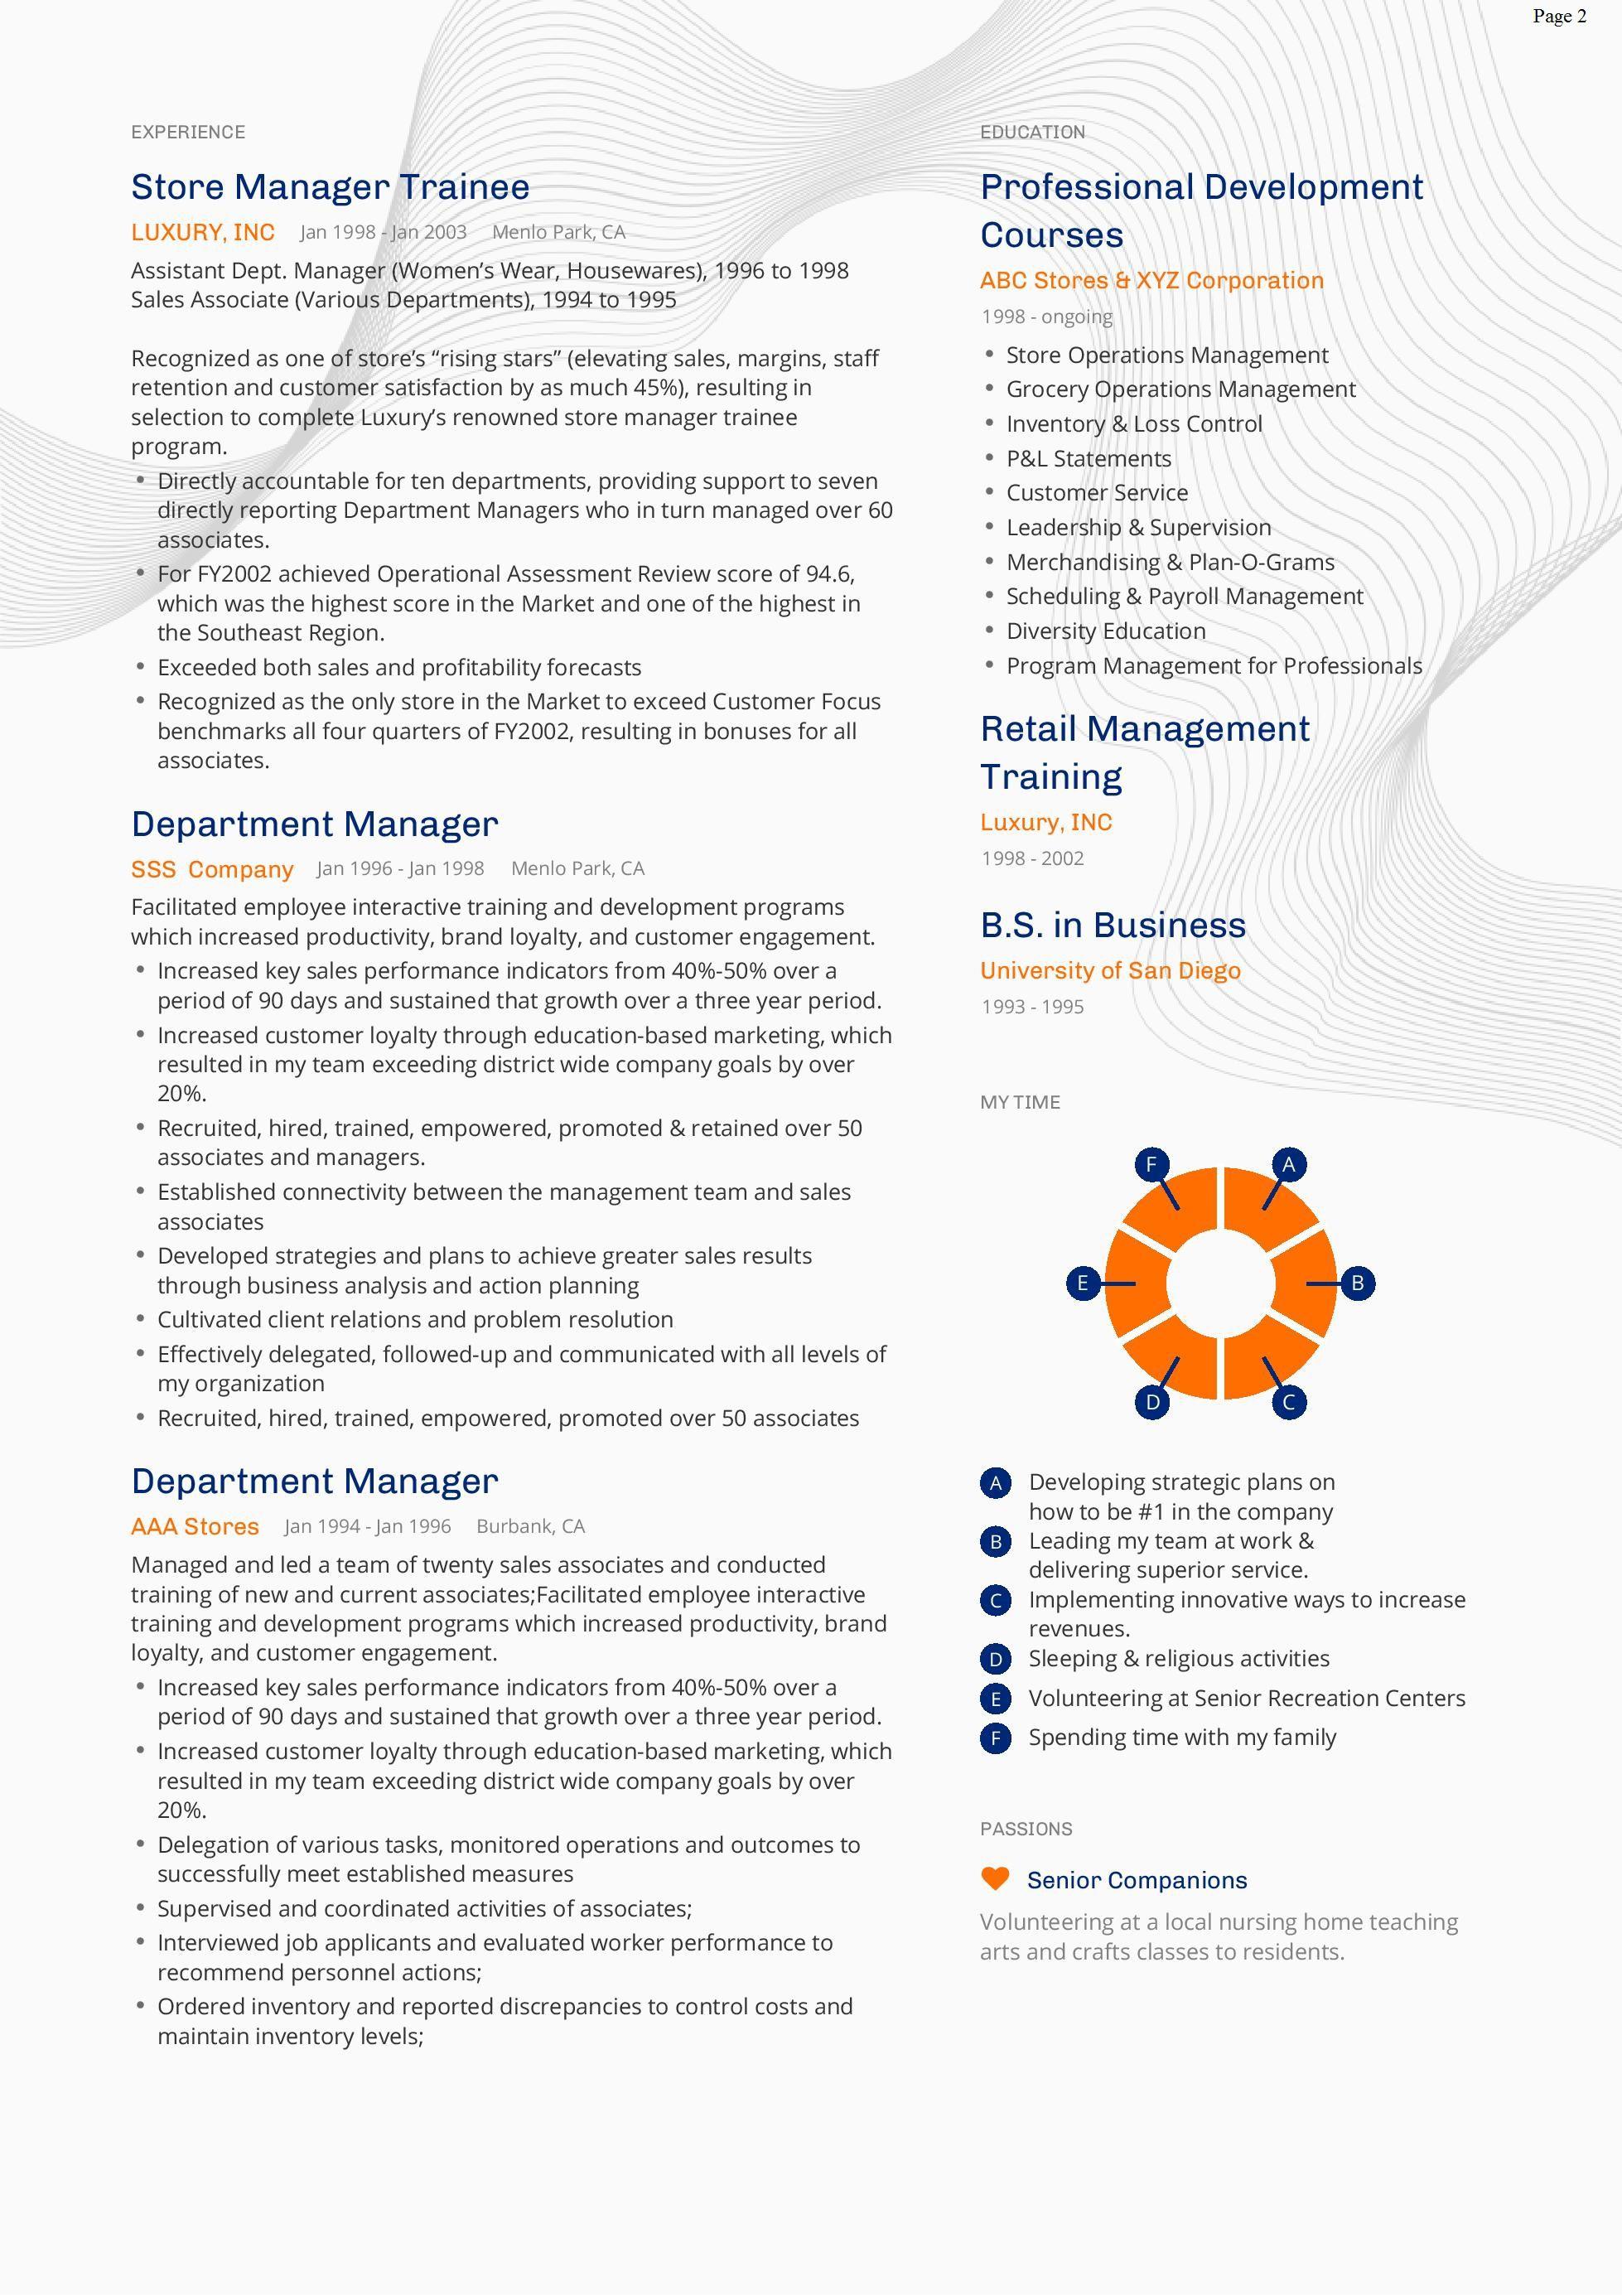 Resume Upgrading - Resume Writing